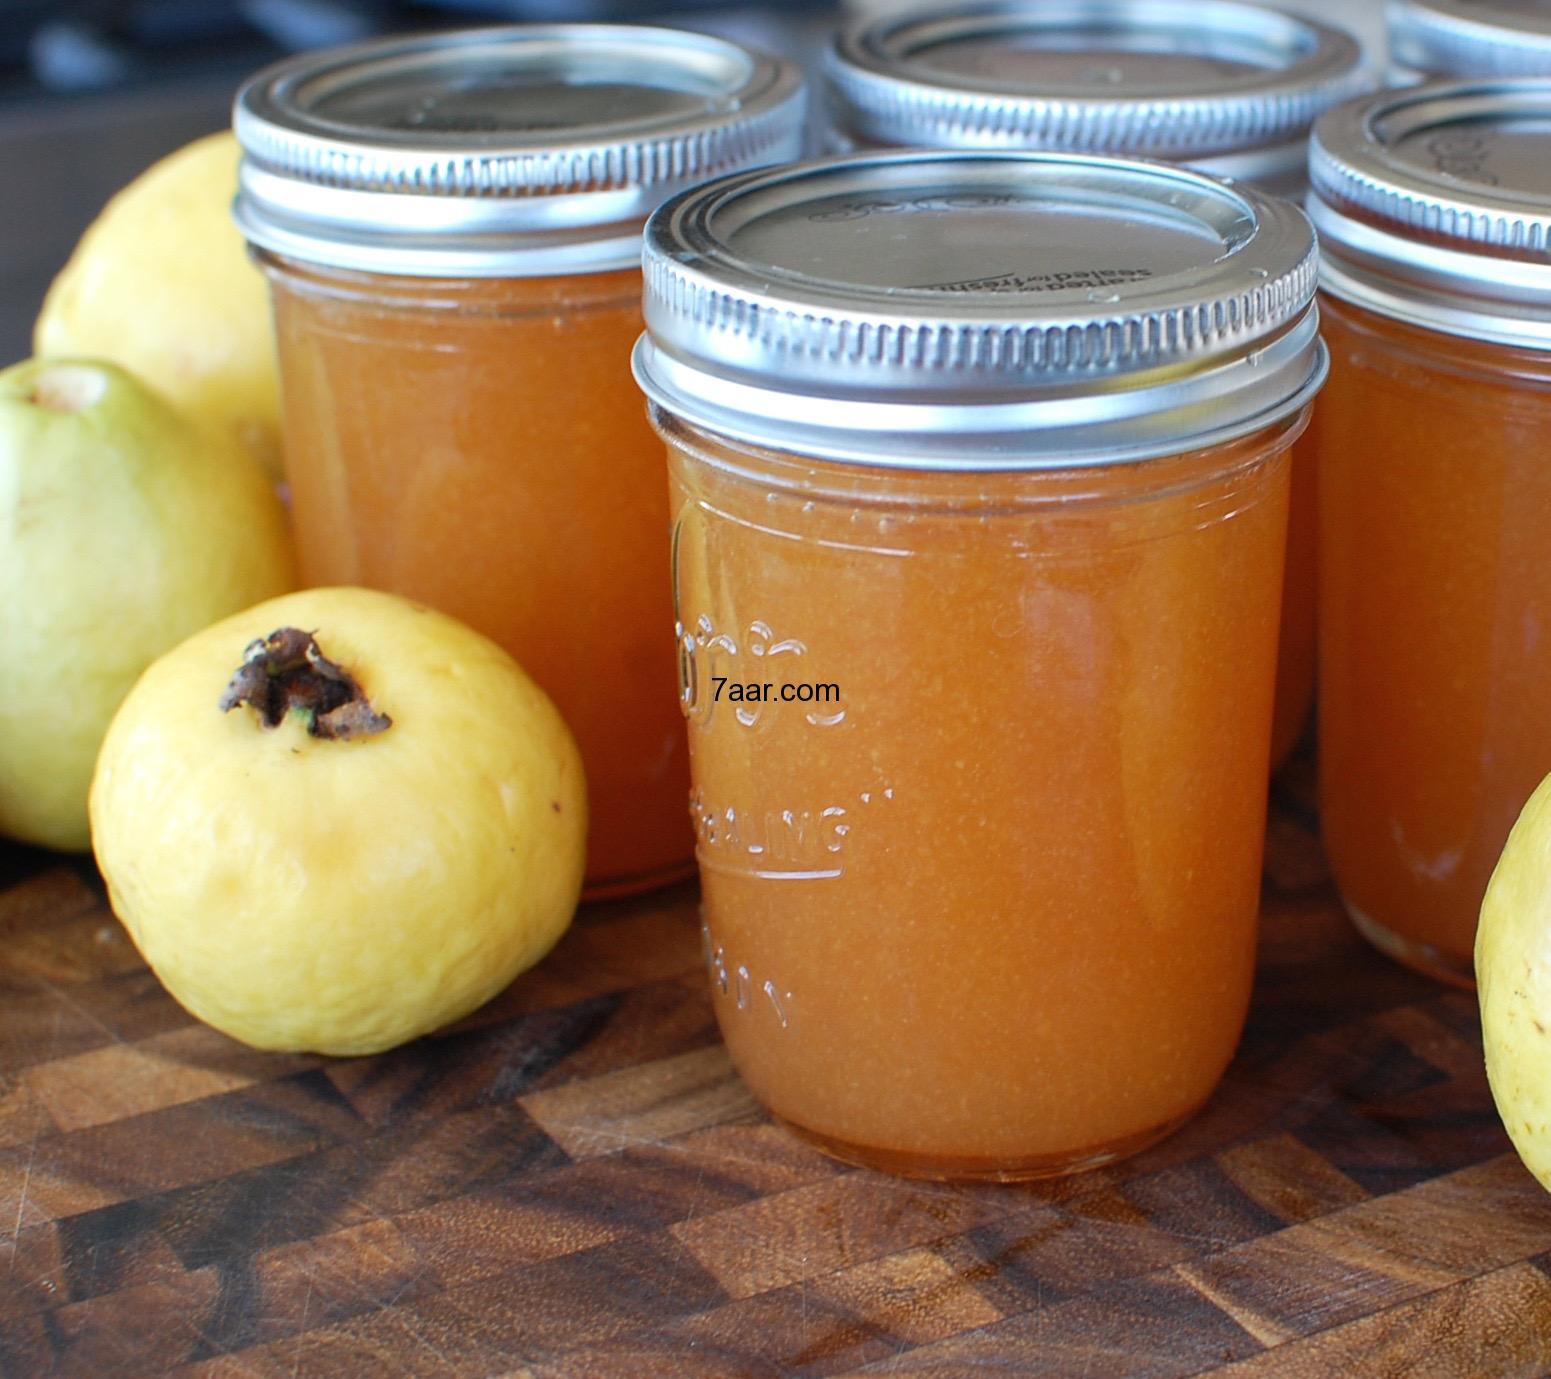 طريقة عمل مربى الجوافة في البيت بسهولة